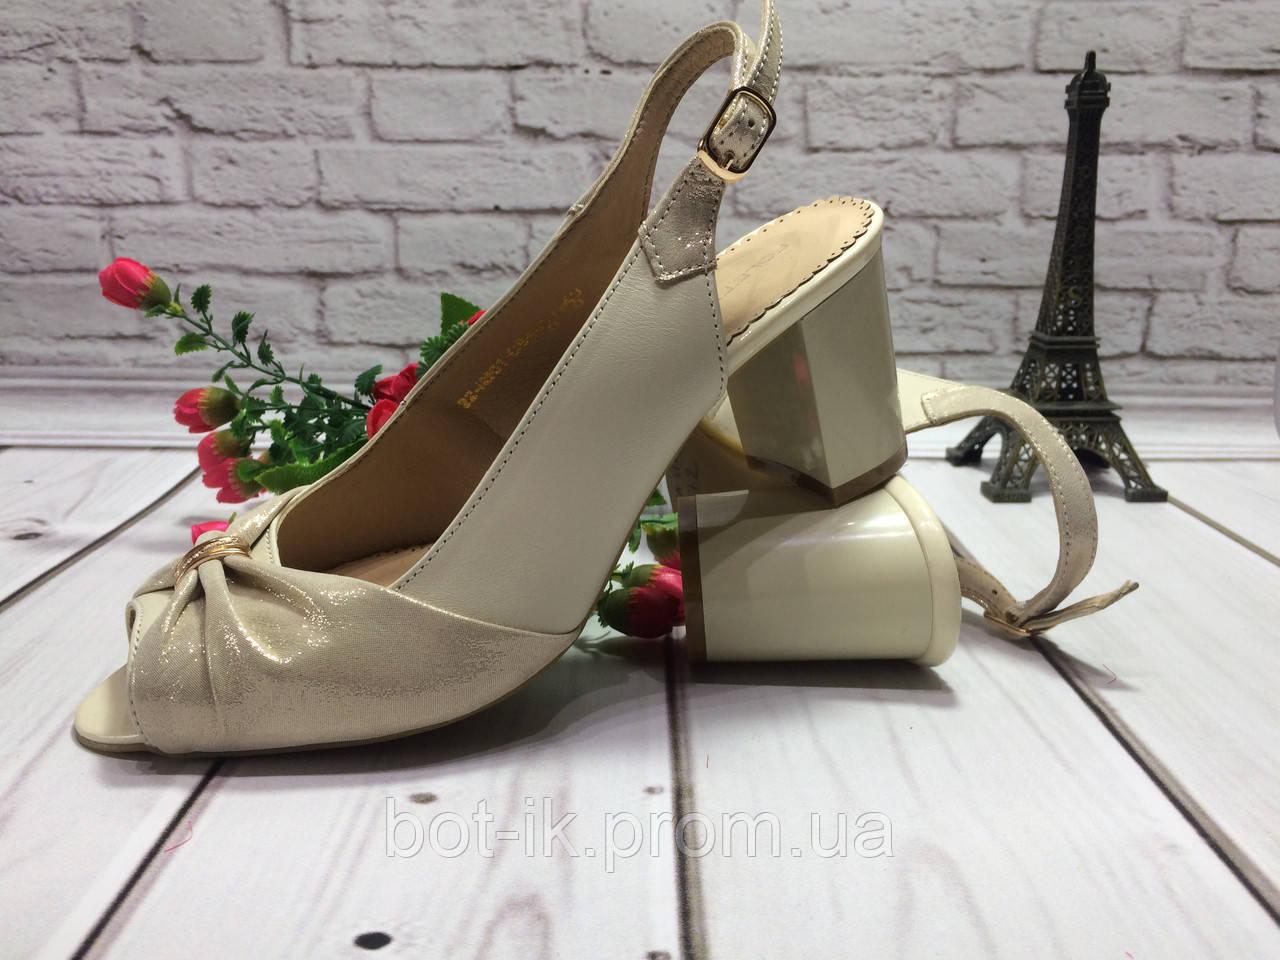 3f1f05ee3fed Классические женские босоножки на устойчивом каблуке бежевого цвета с  красивым ...